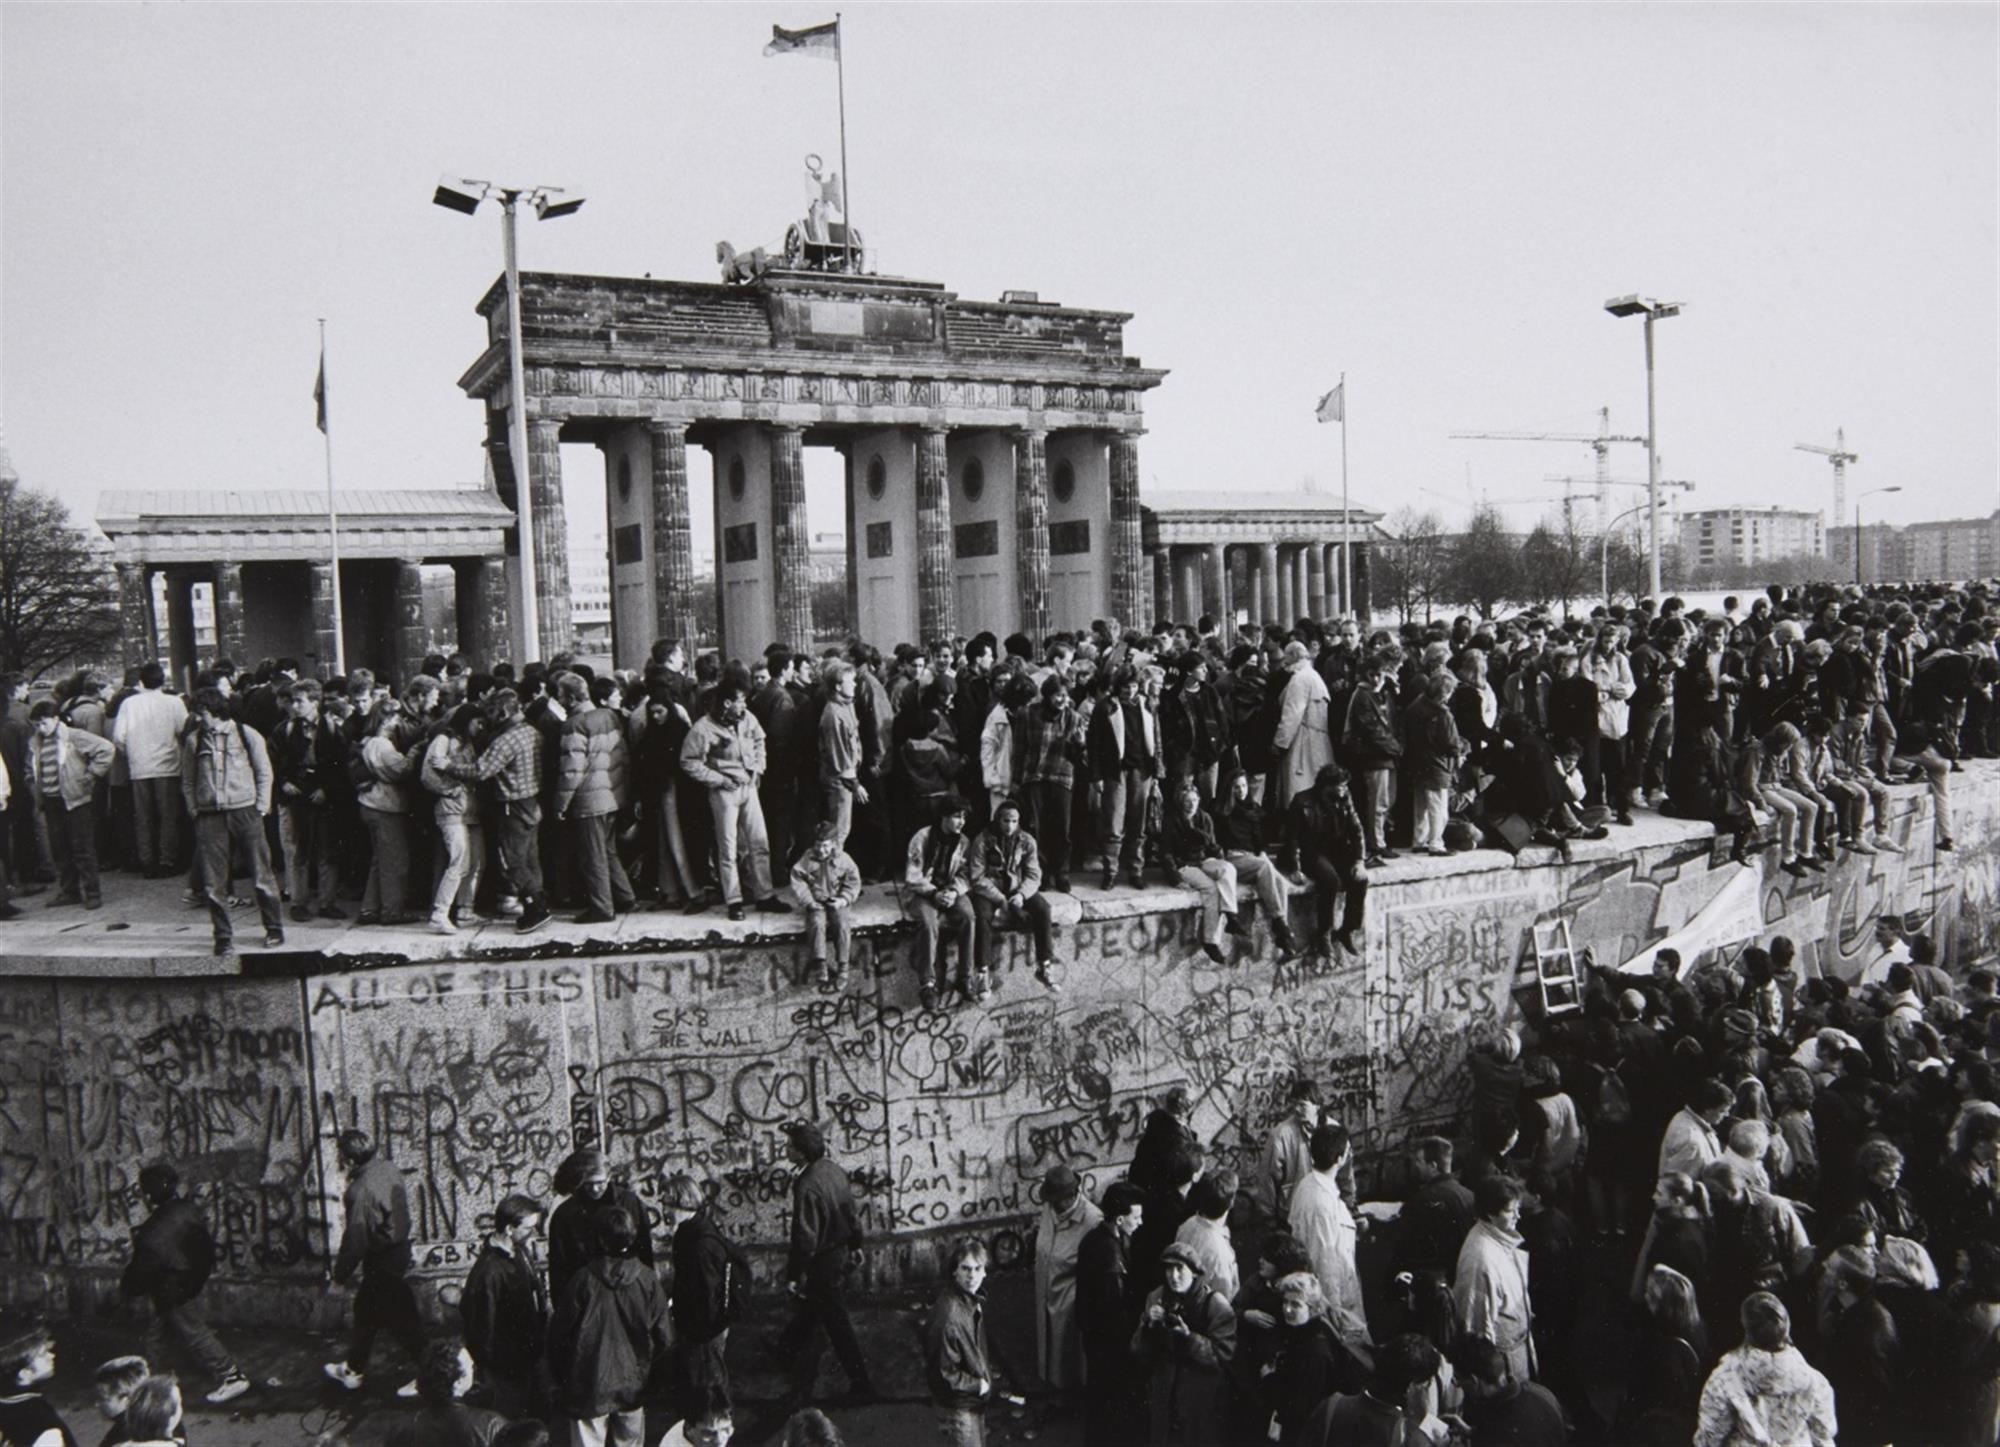 Fall Der Mauer Brandenburger Tor Berlin 10 November 1989 Auktionshaus Lempertz Berliner Mauer Bilder Mauerfall 1989